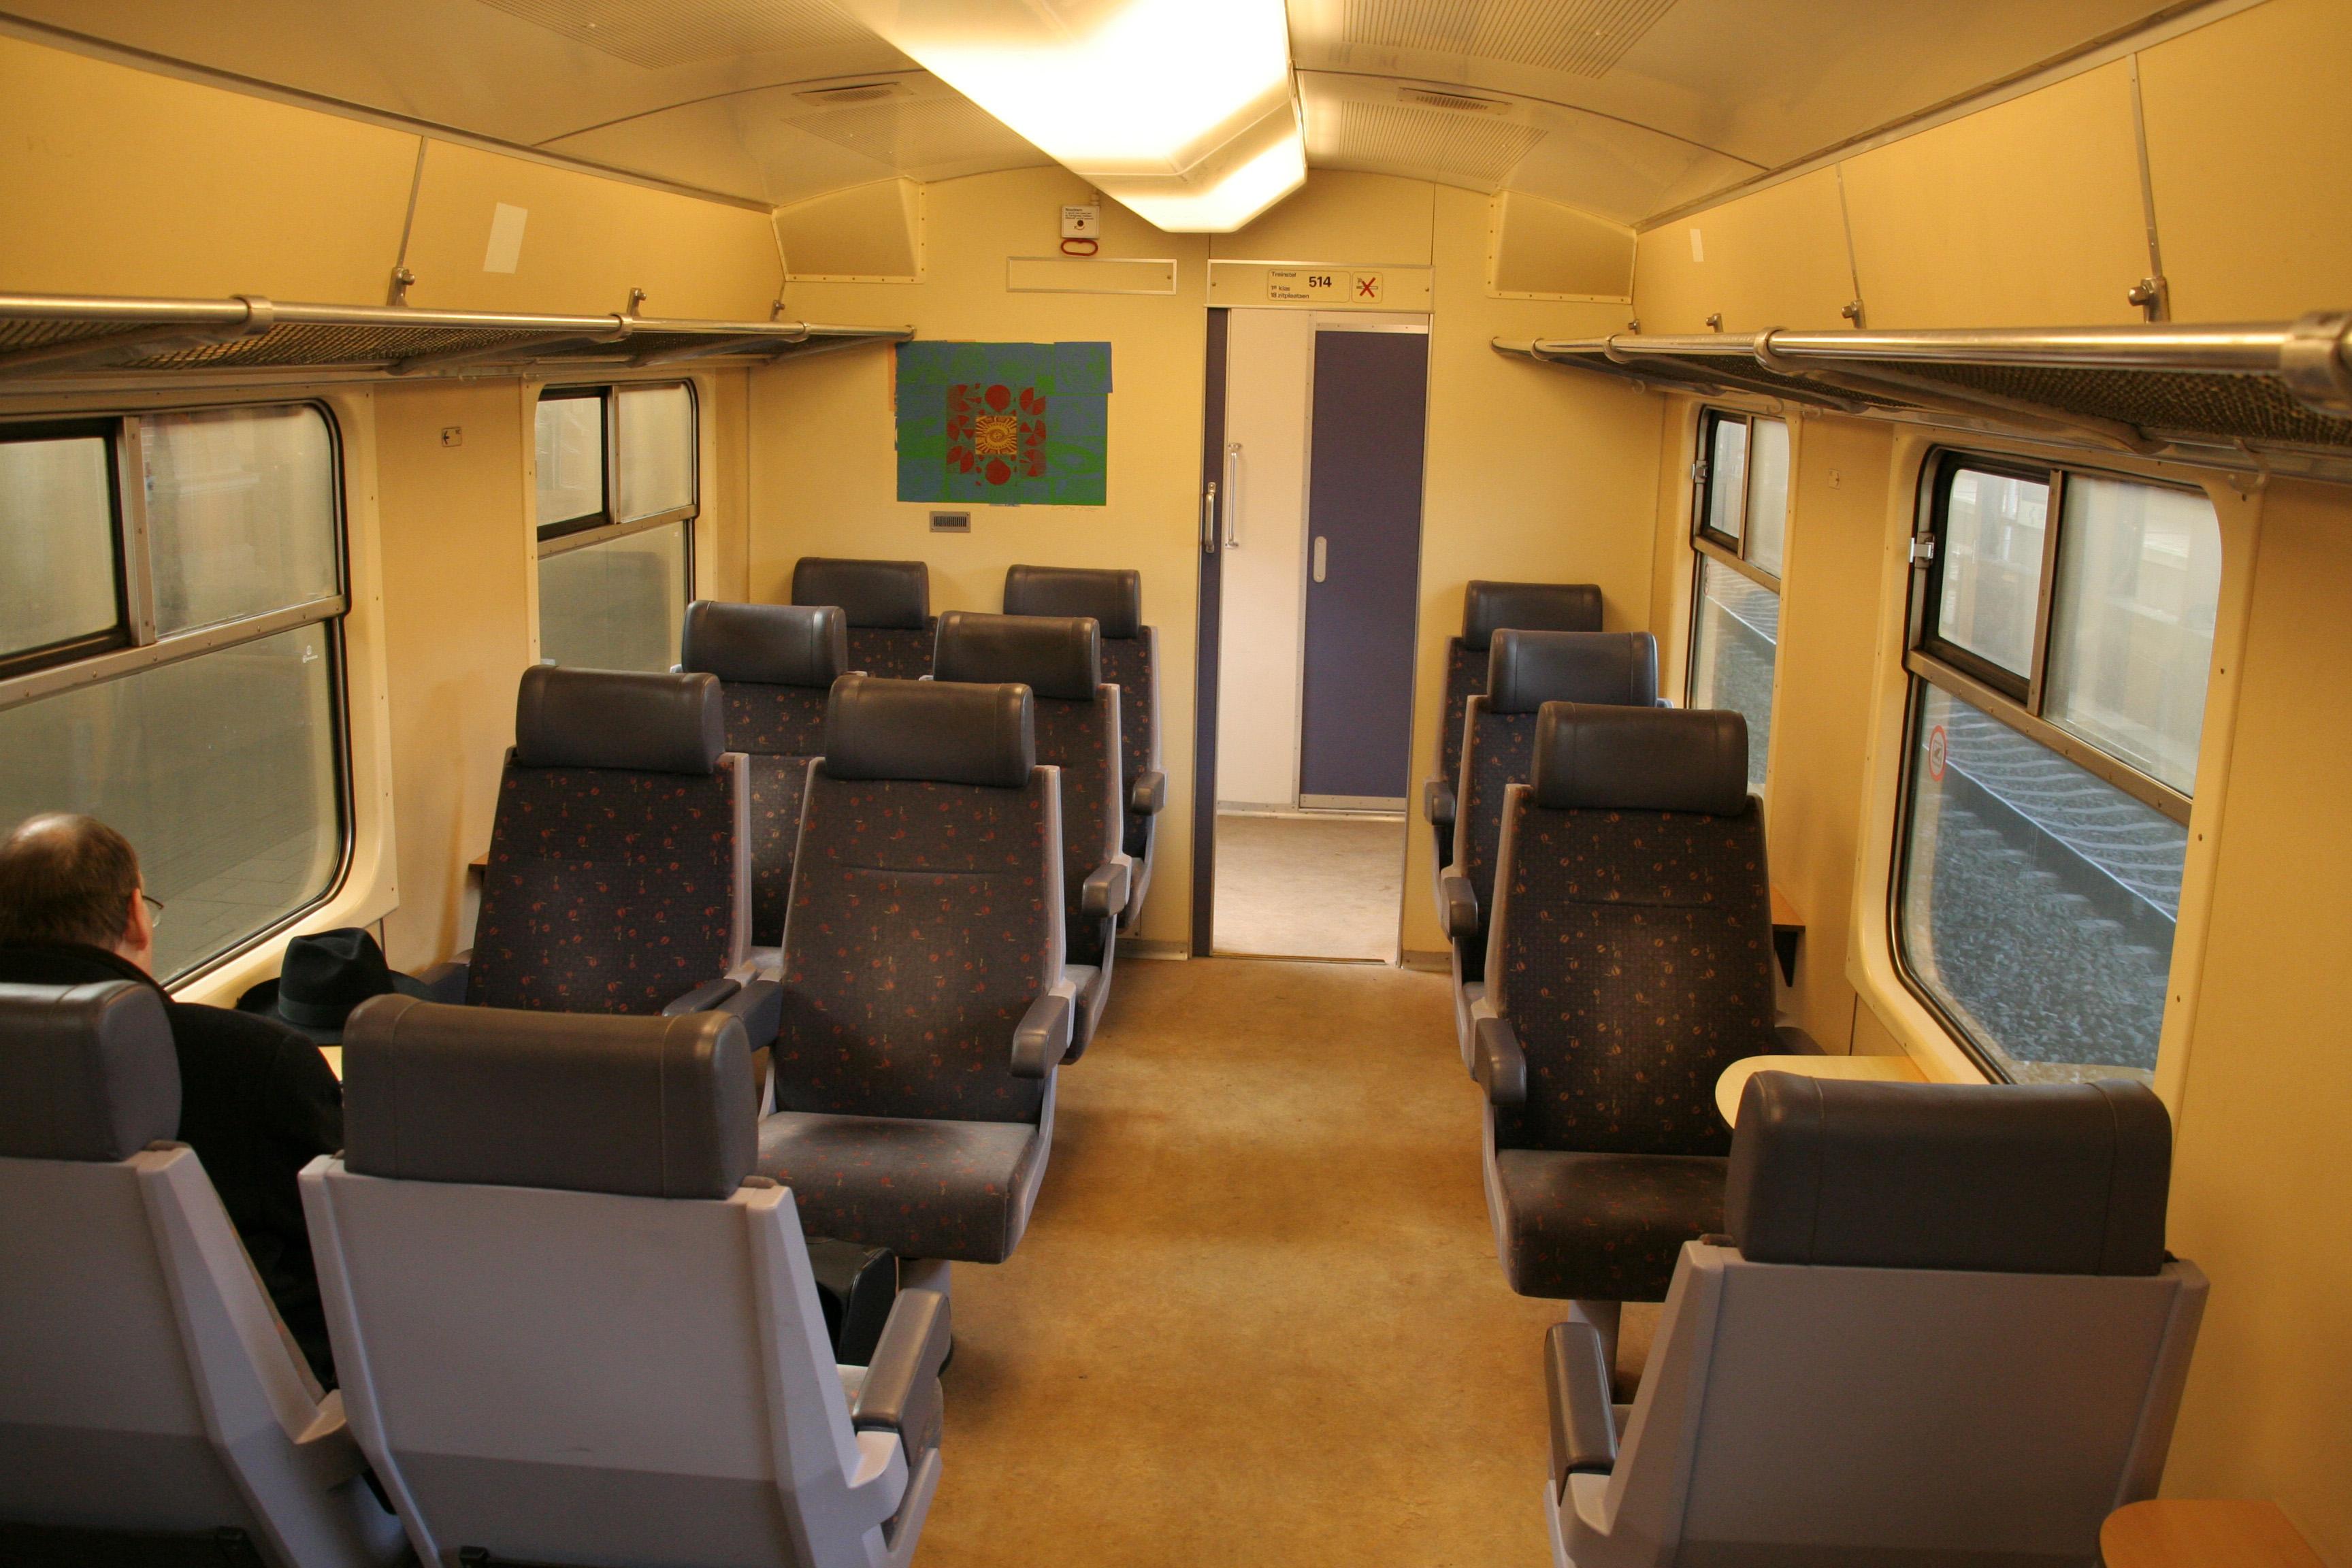 File interieur plan t eerste klasse 26 02 2009 wikimedia commons - Van plan interieur ...